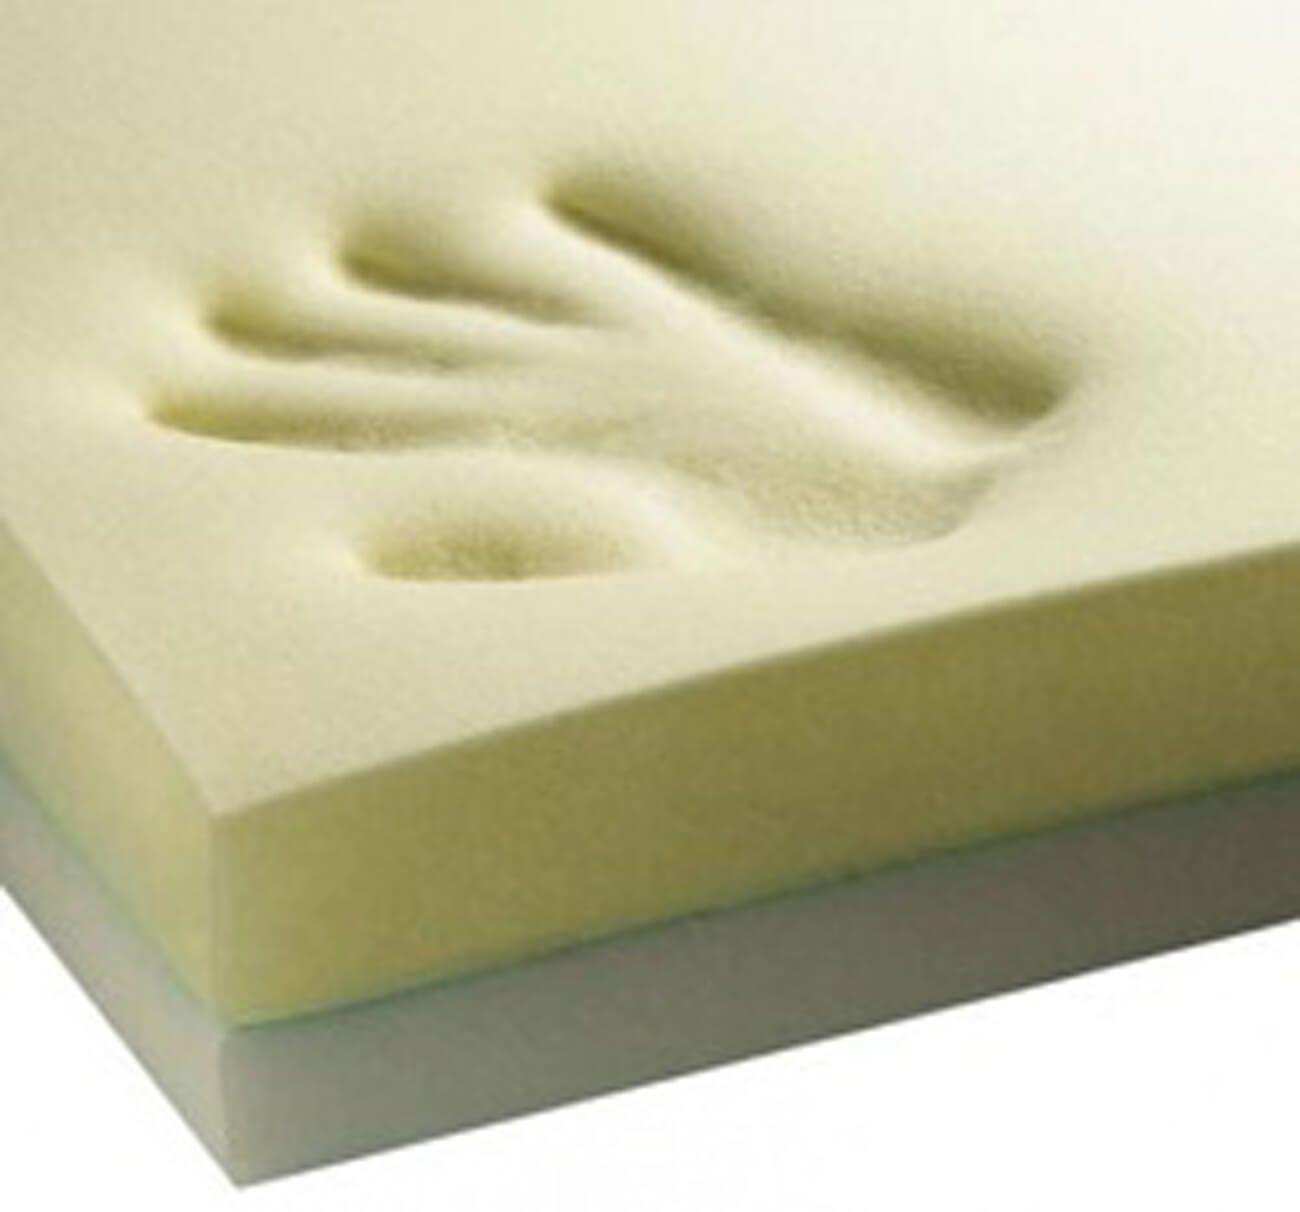 Pilow Top Visco Elastico Solteiro 0,88x1,88x5,0cm  - Kenko Premium Colchões